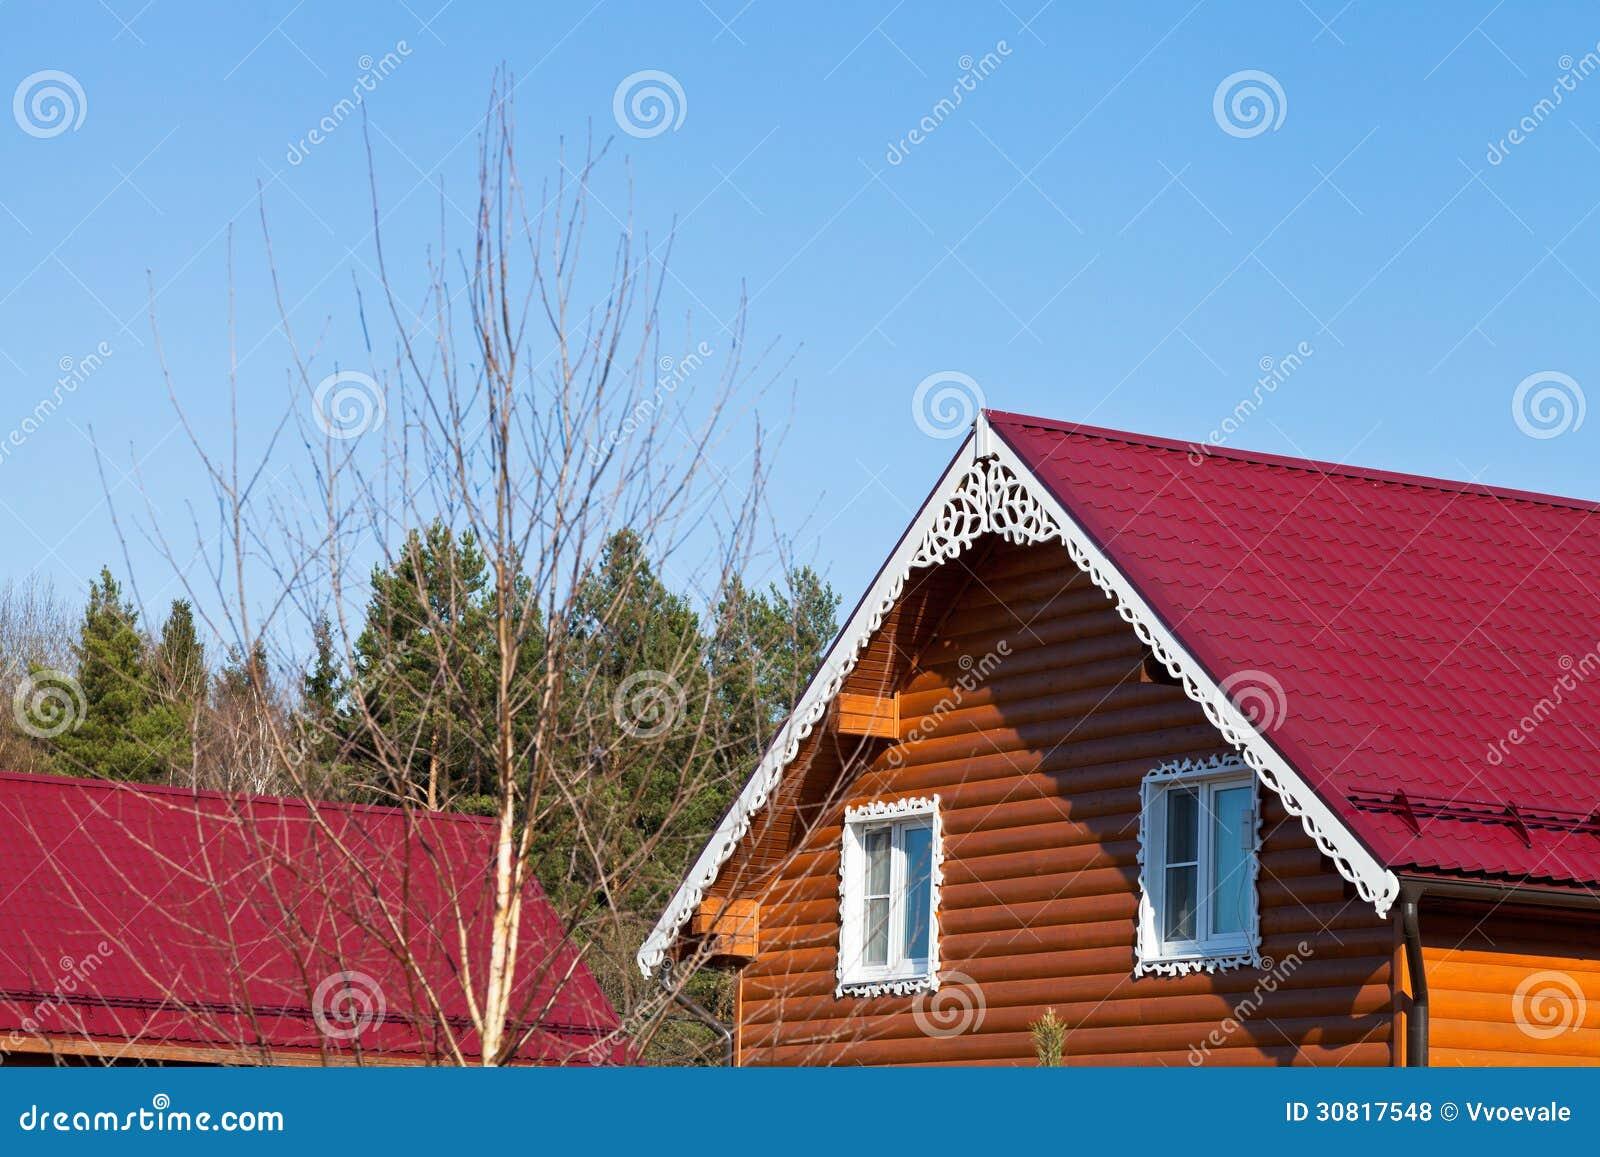 Tejados de teja roja de nuevas casas de madera fotos de for Tejados de madera con teja